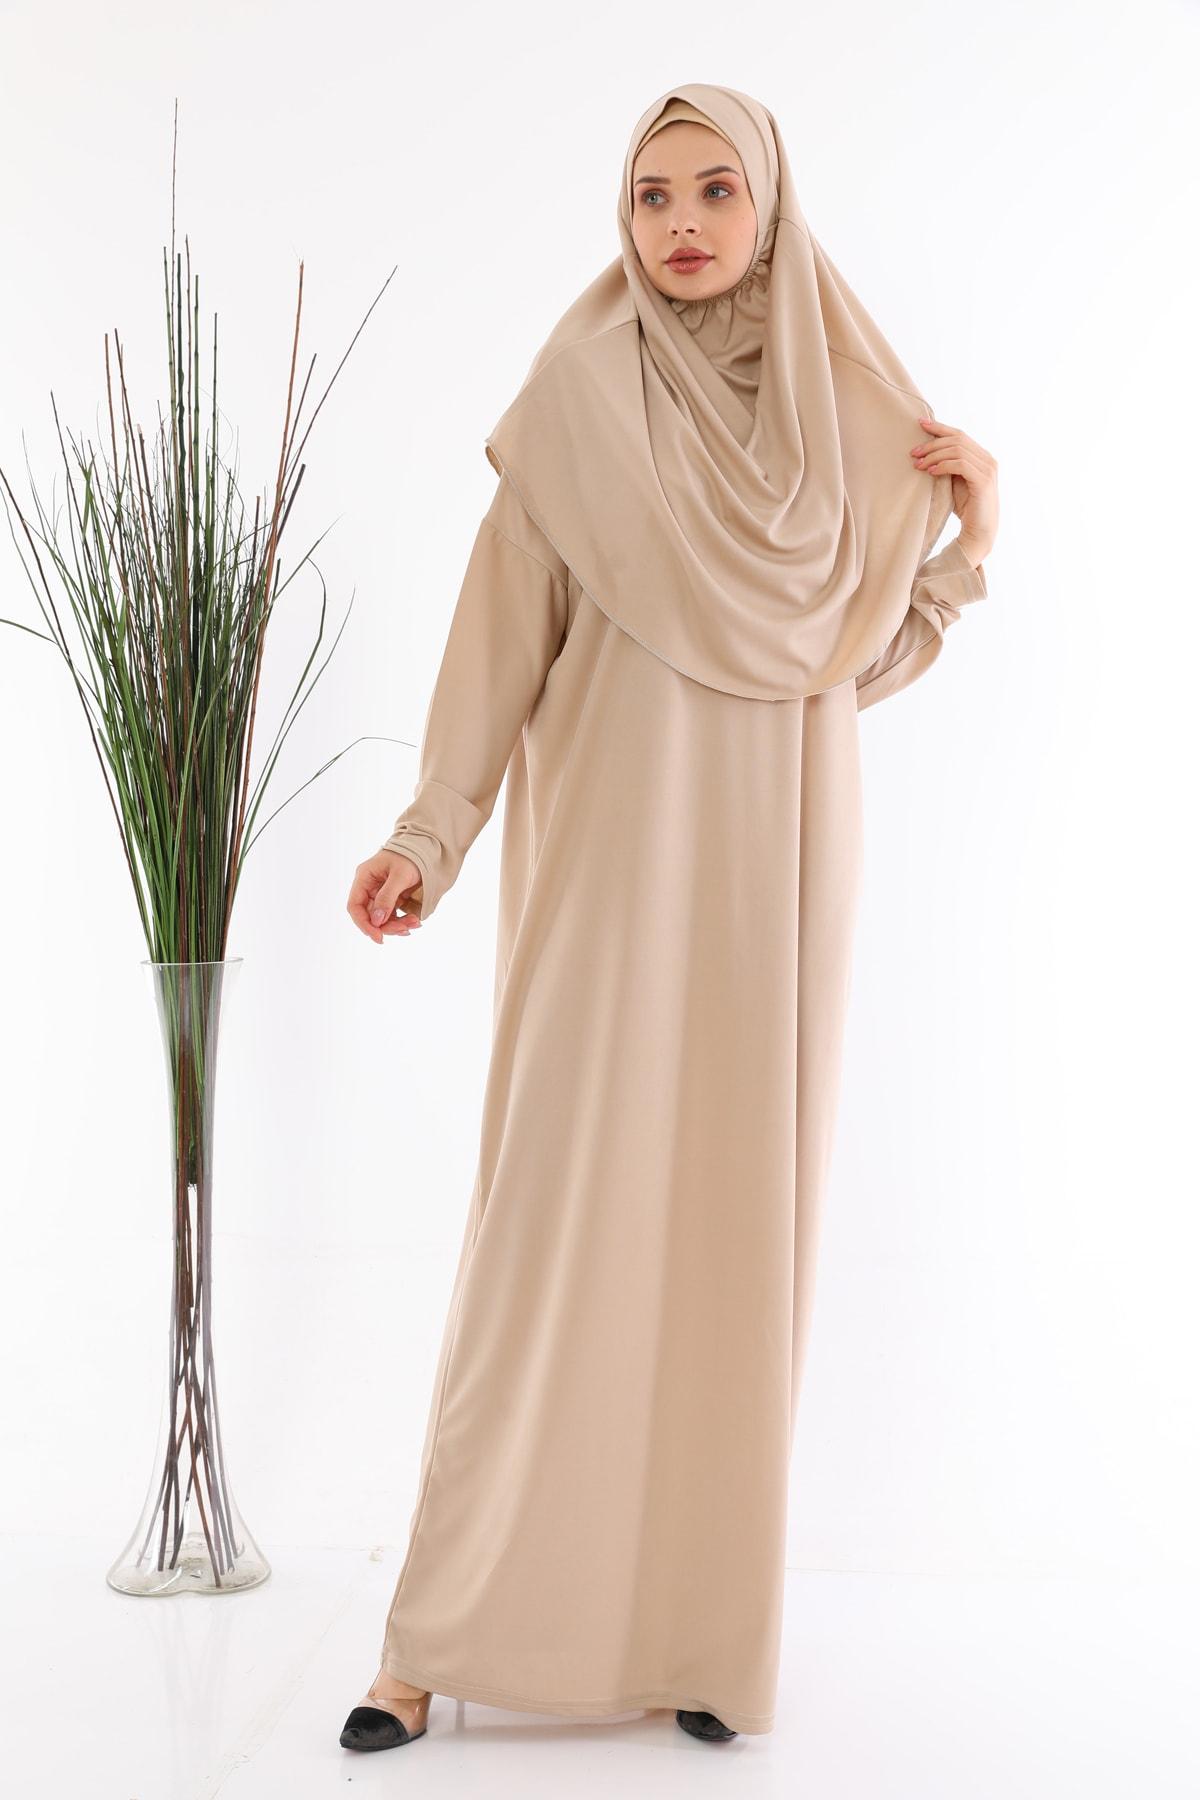 Kadın Kolay Giyilebilen Tek Parça Elbisesi Vizon Büyük Beden